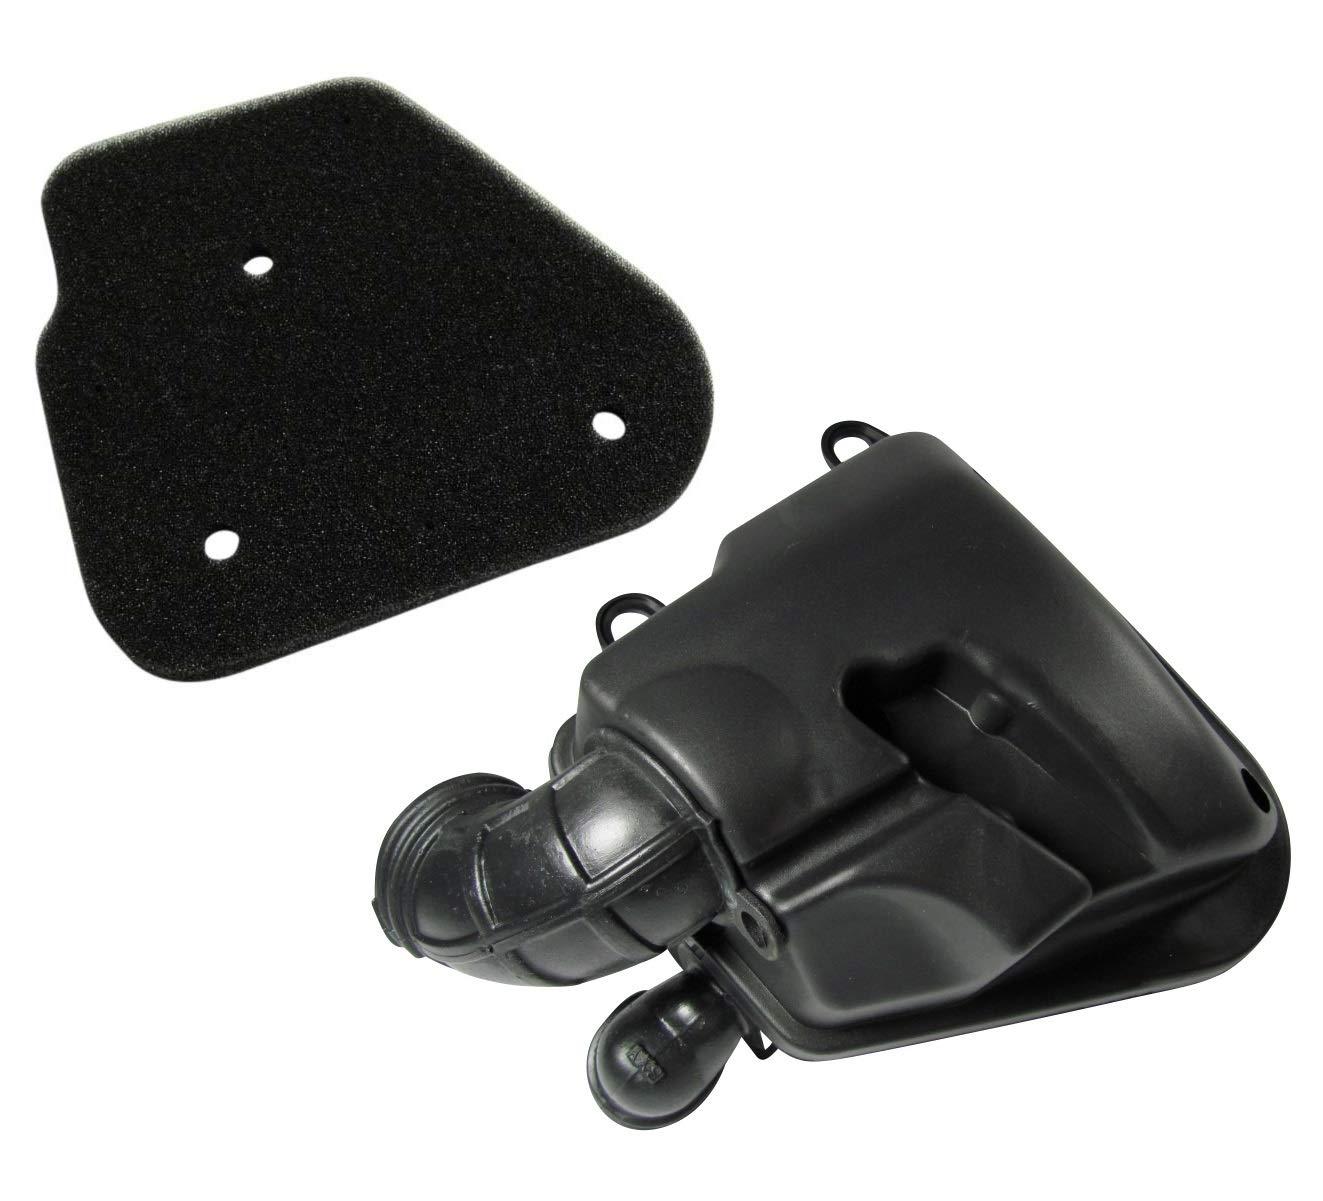 Luftfilterkasten//Luftfilter SG V1 f/ür Yamaha Aerox MBK Nitro 50 2T